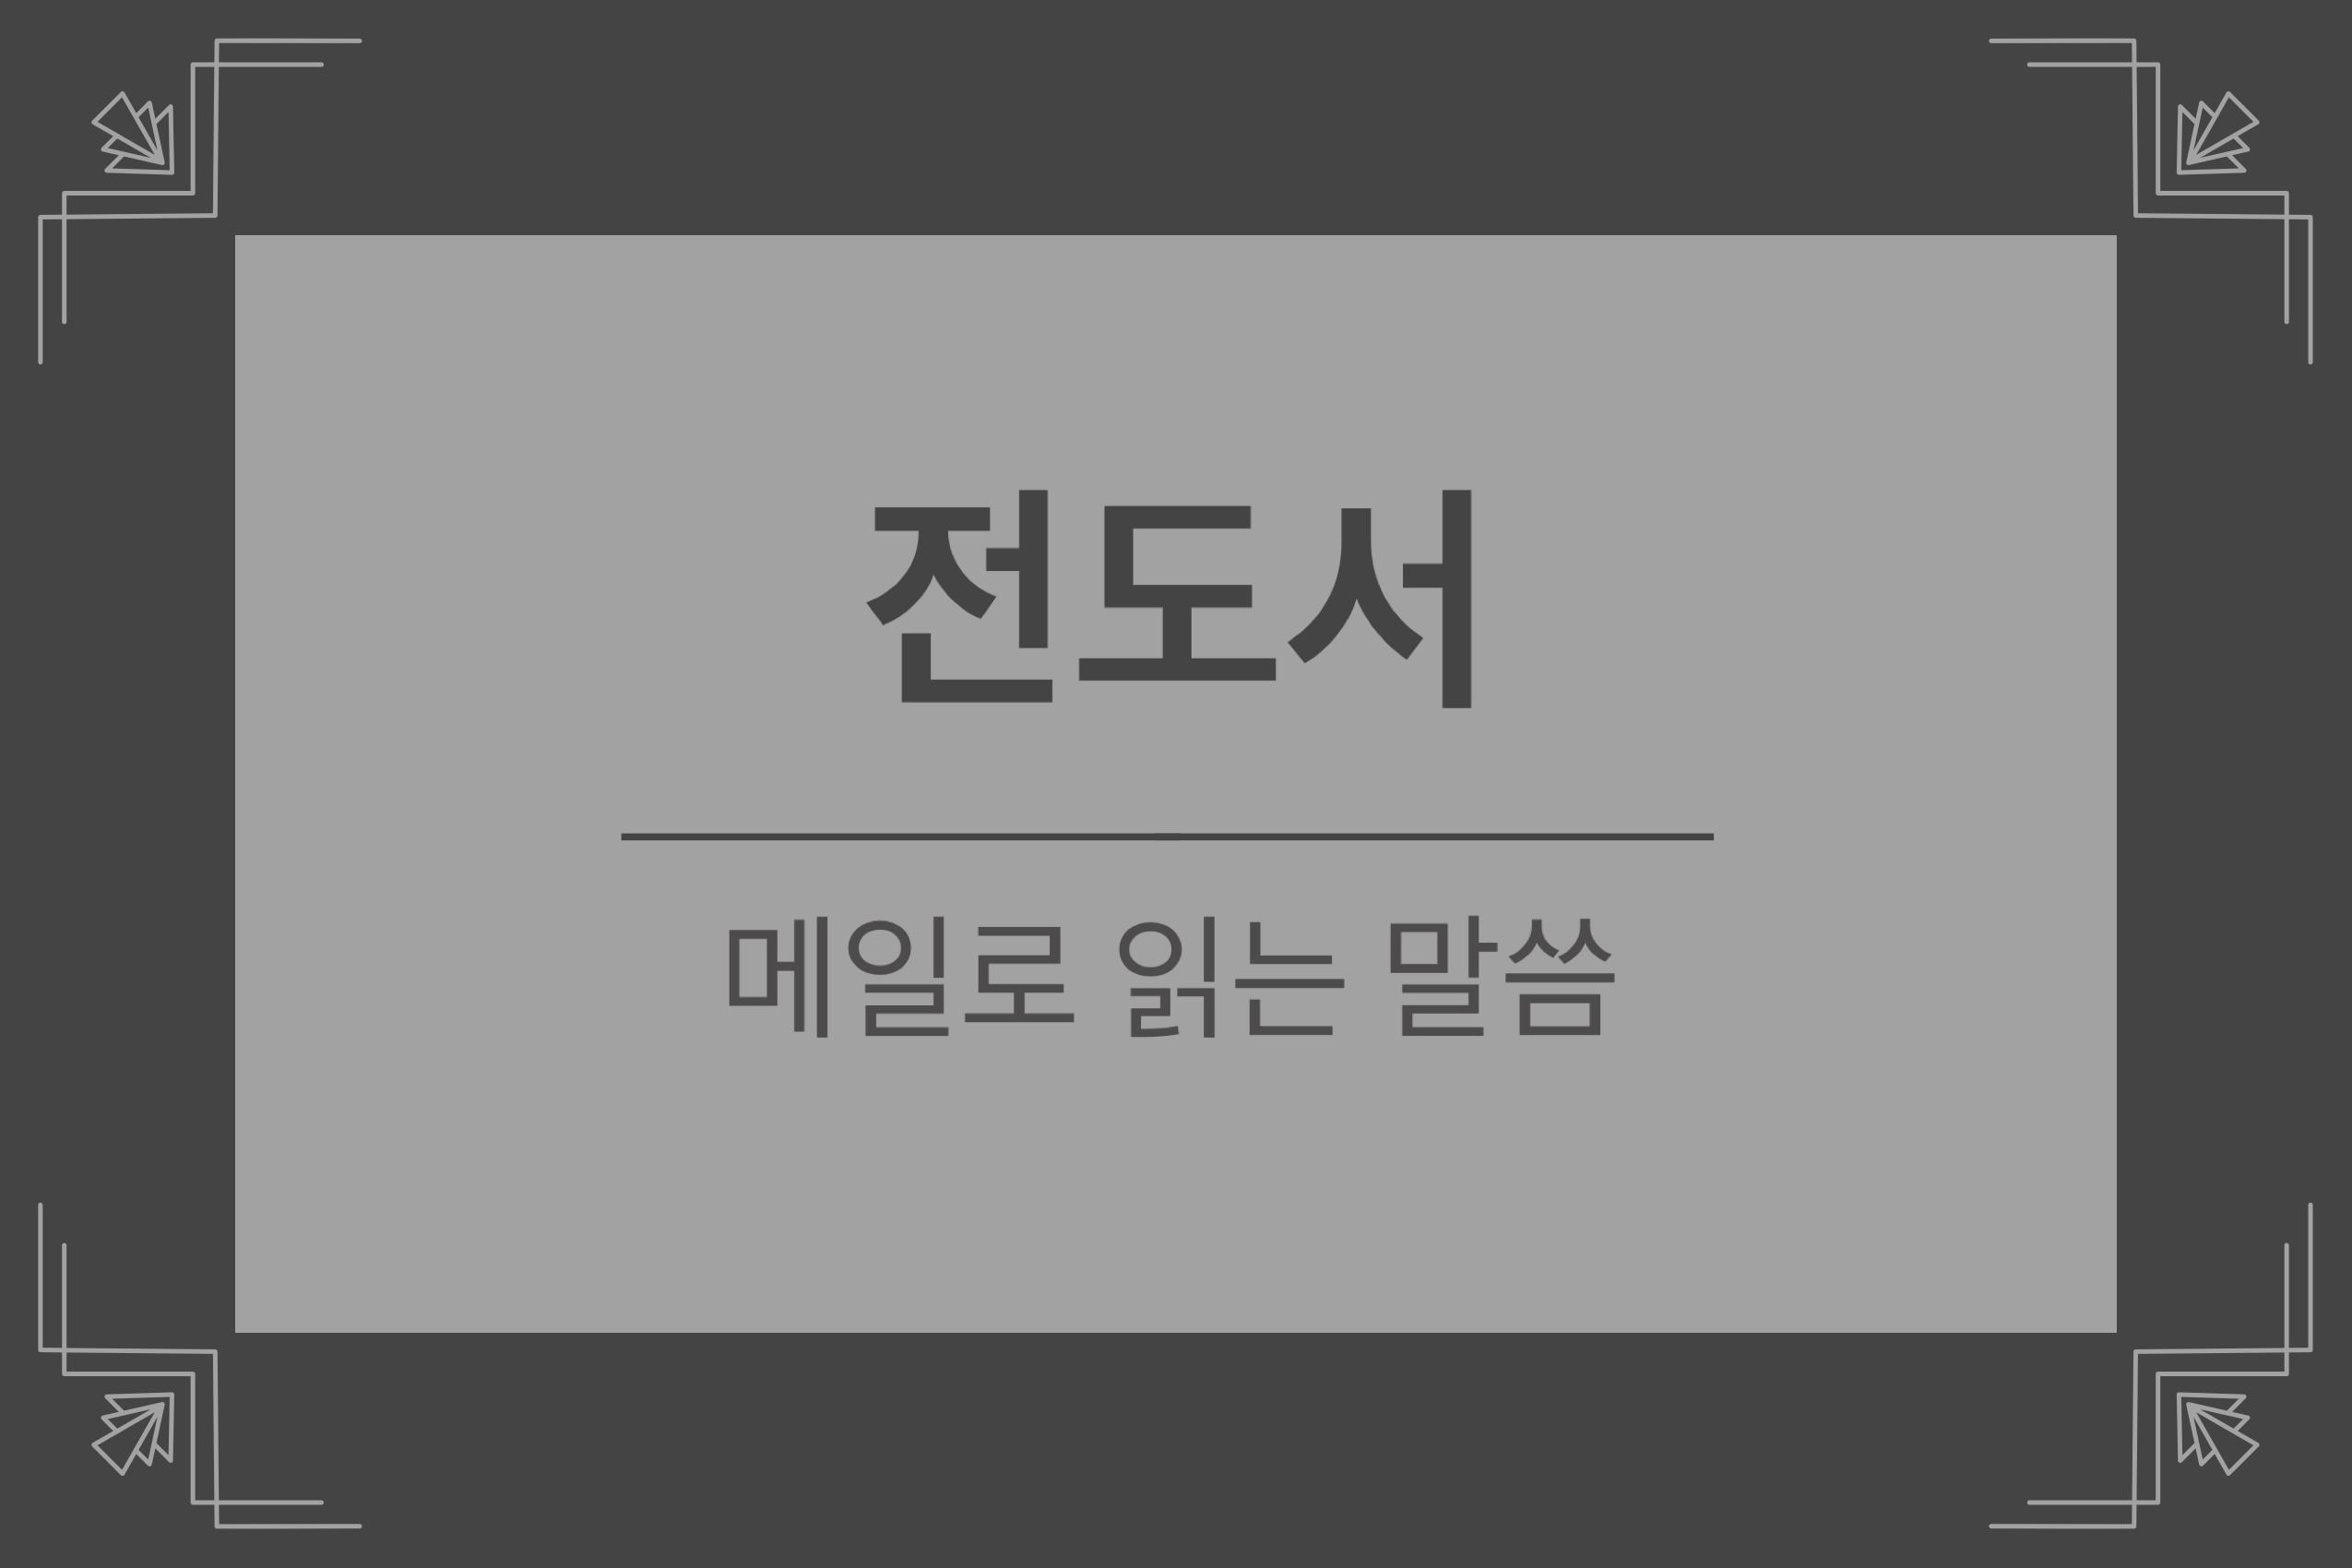 전도서 5장